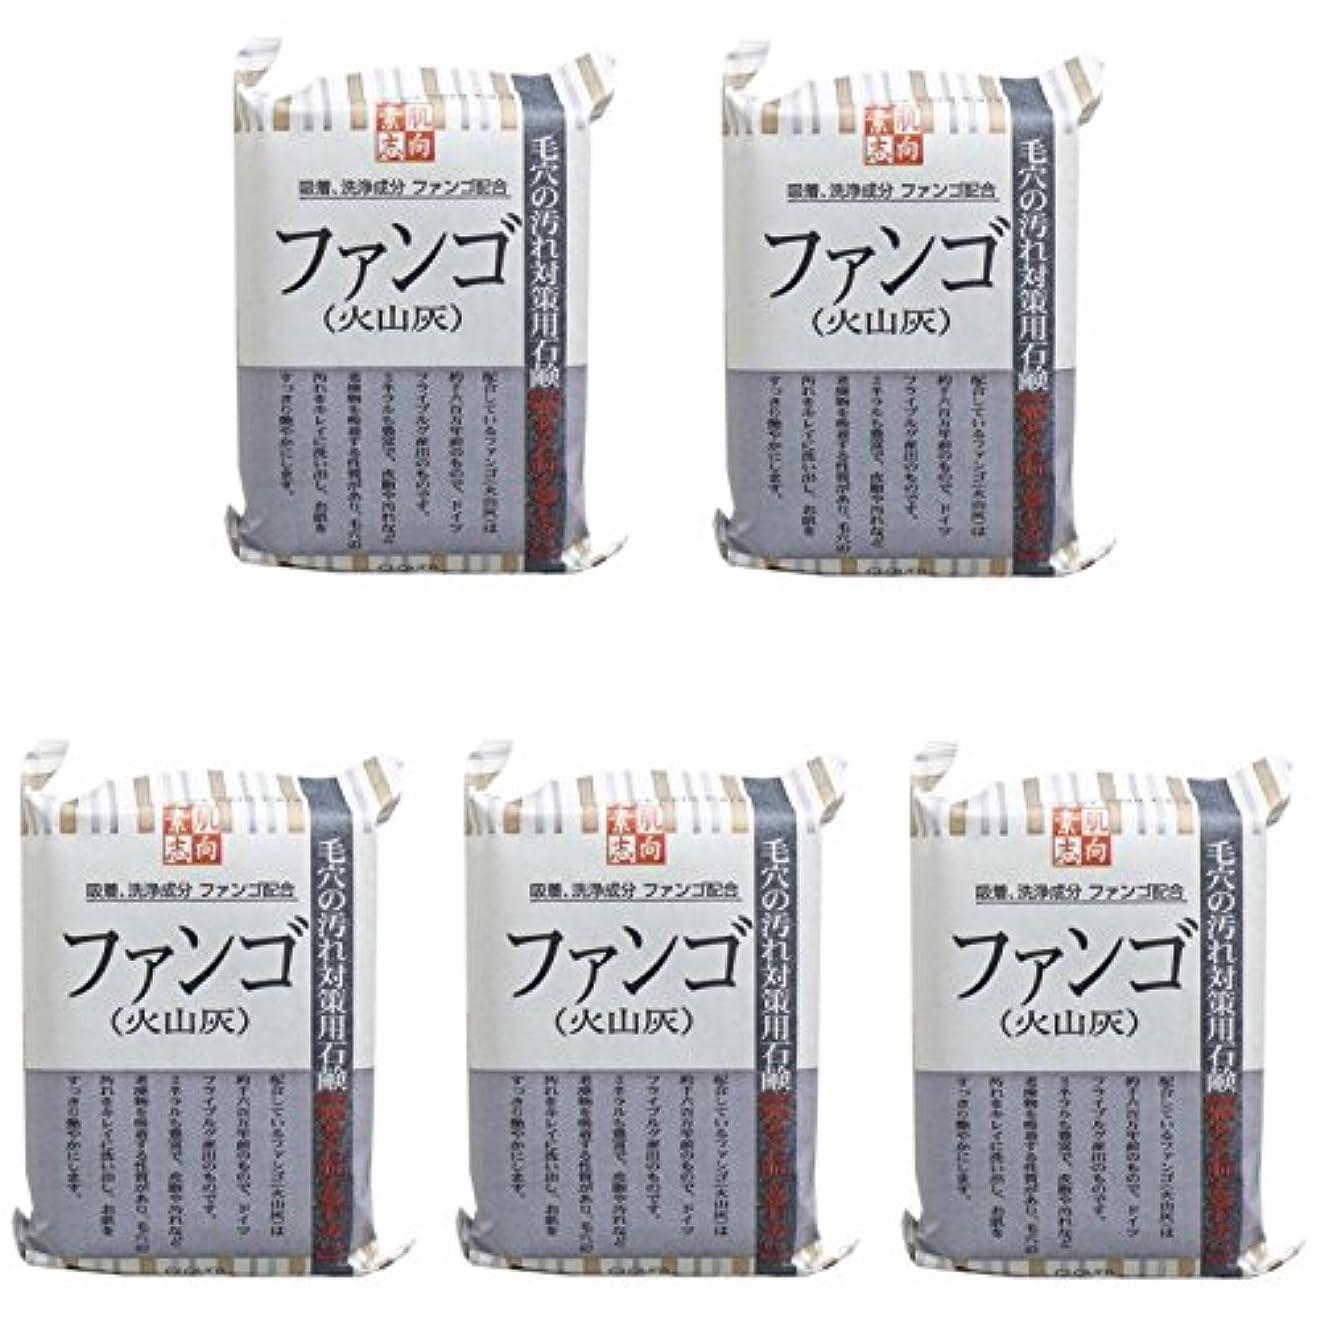 化合物成熟したインスタンス【まとめ買い】クロバー 素肌志向 ファンゴ【×5個】